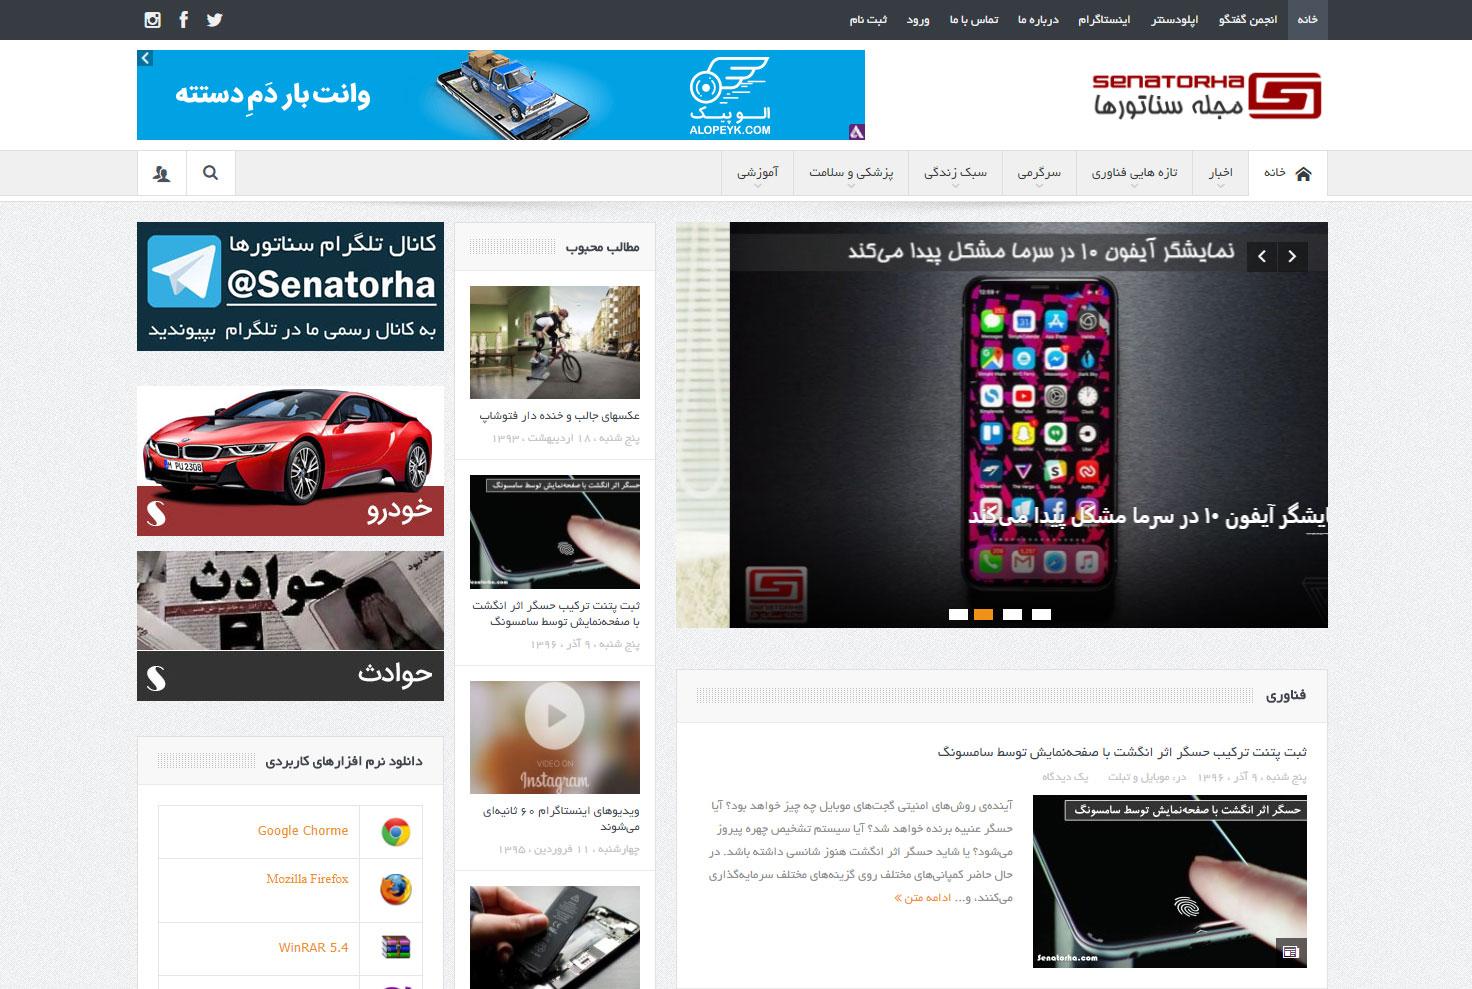 مجله اینترنتی سناتورها senatorha  نمونه طراحی وب سایت senatorha